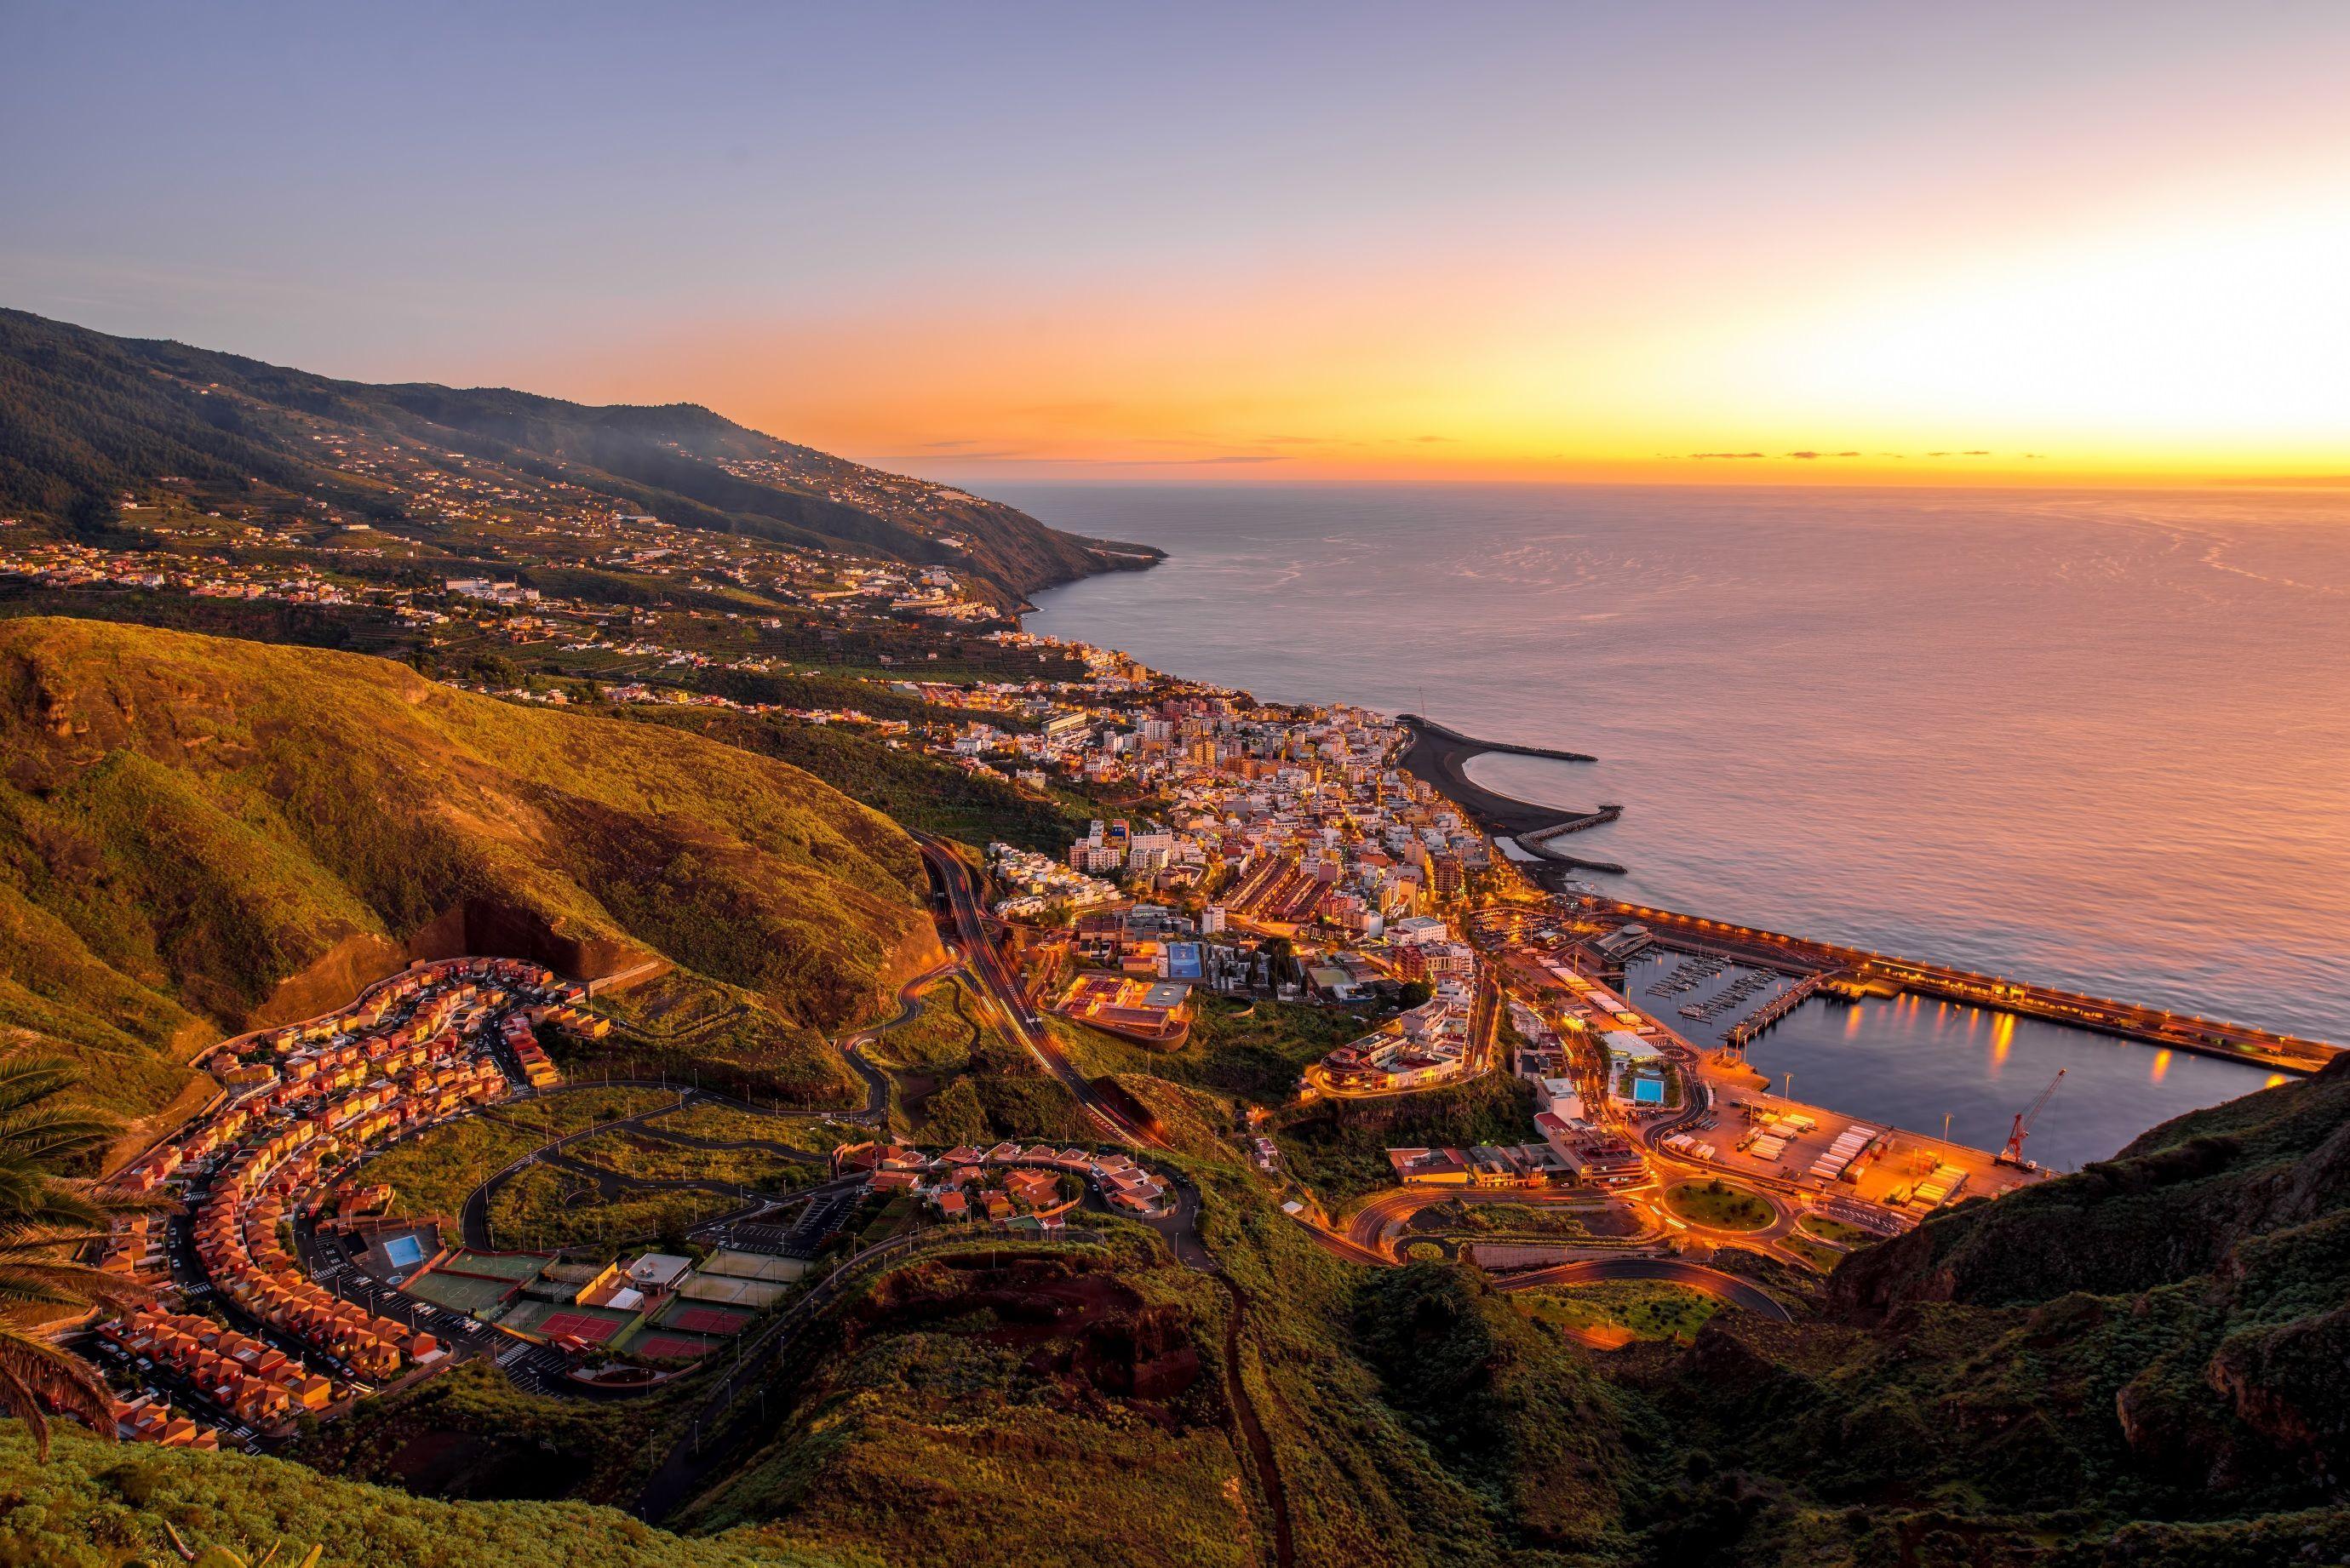 La Palma 5 Días Vuelo Hotel Ofertas De Viajes Isla Bonita Playa De Los Cancajos